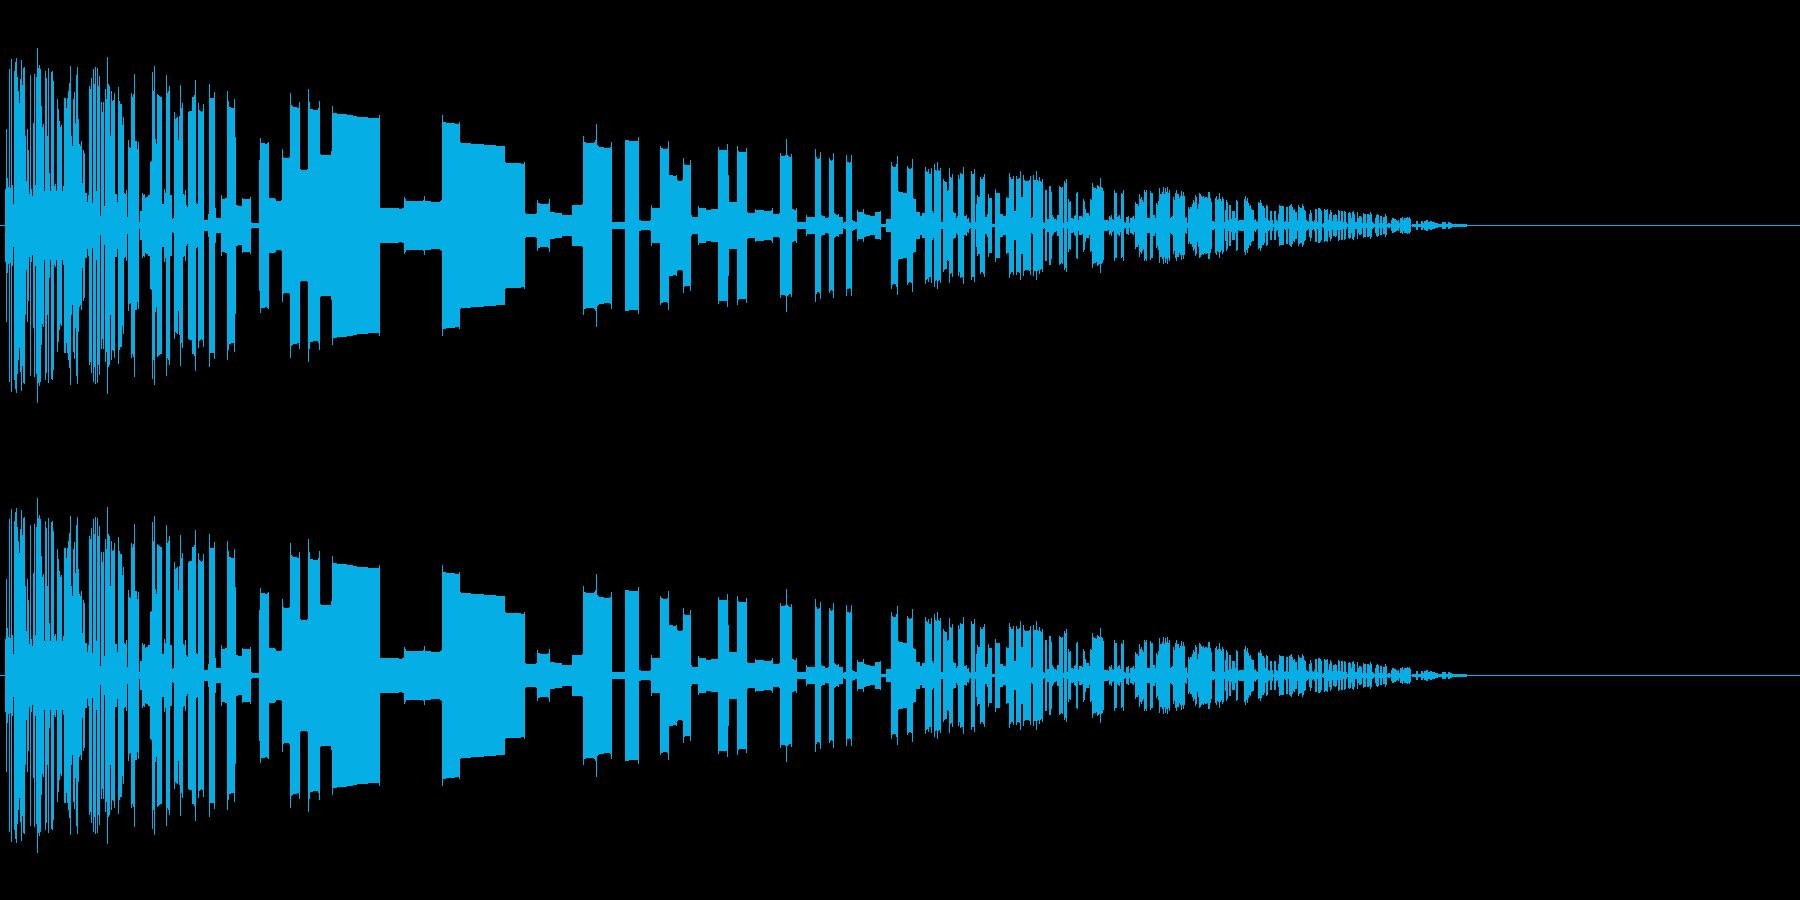 レトロゲーム風爆発音8の再生済みの波形